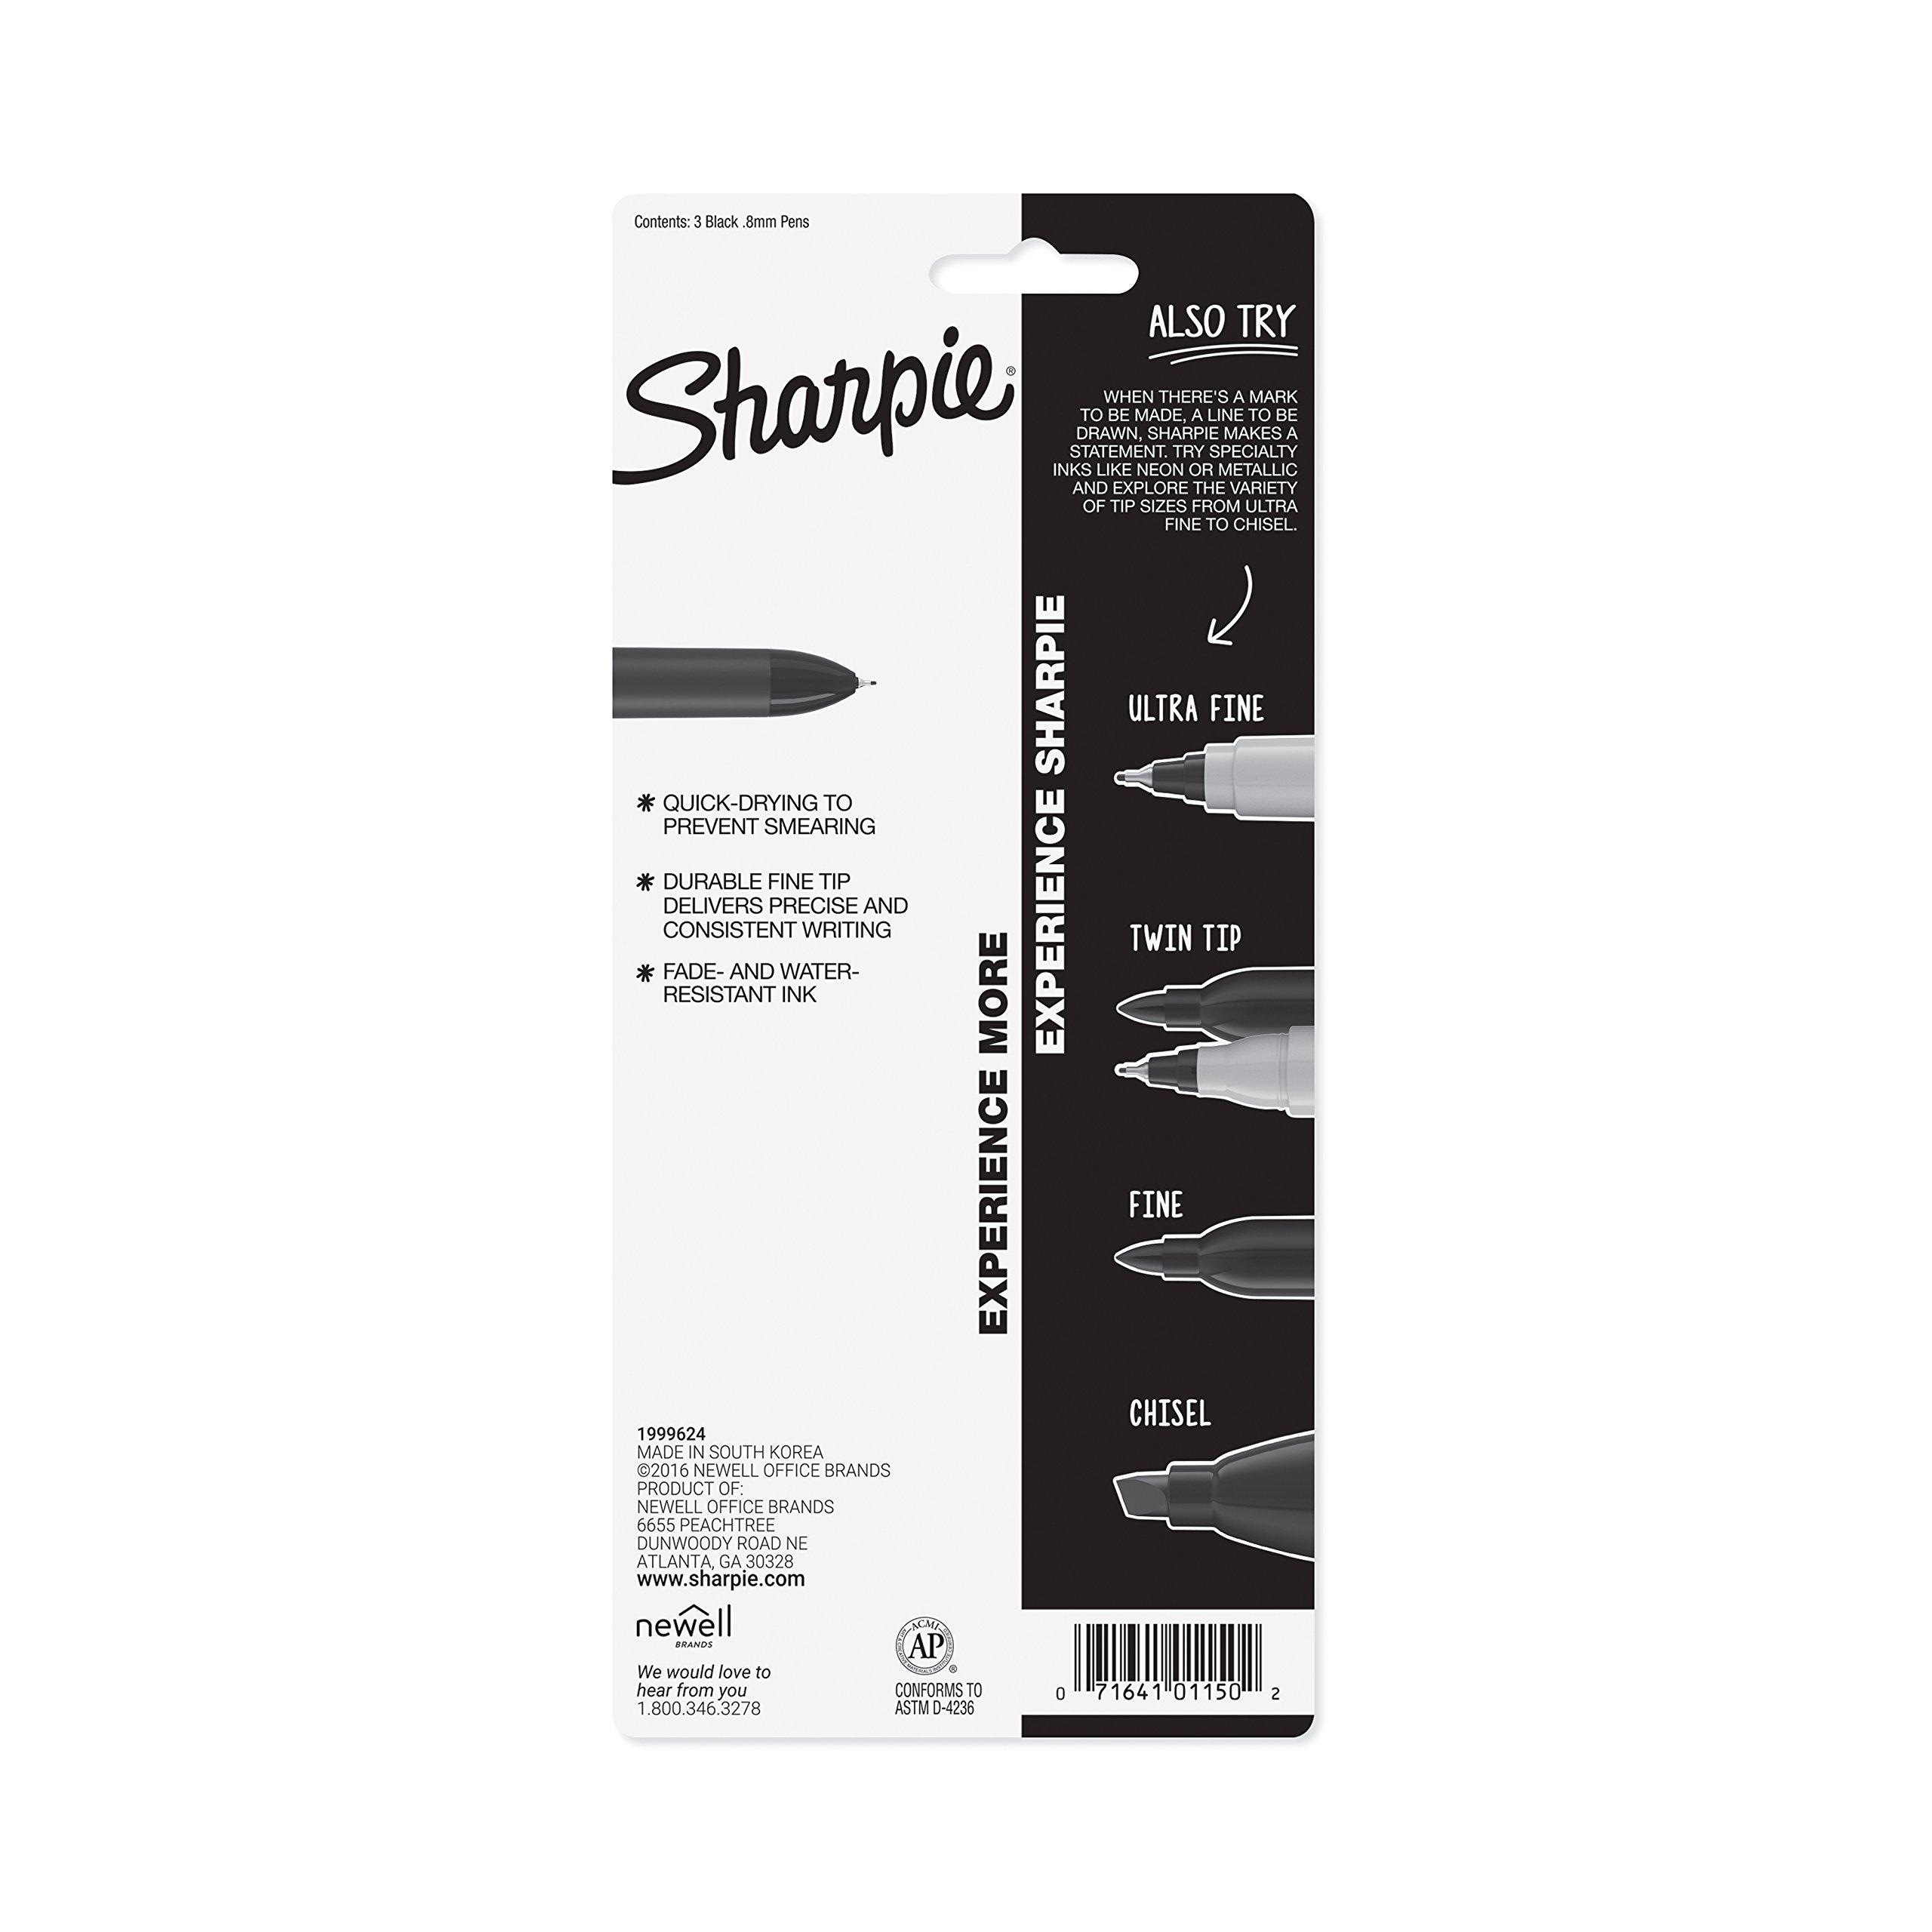 Sharpie 1753176 Retractable Pen, Fine Point, Black, 3-Count by Sharpie (Image #6)